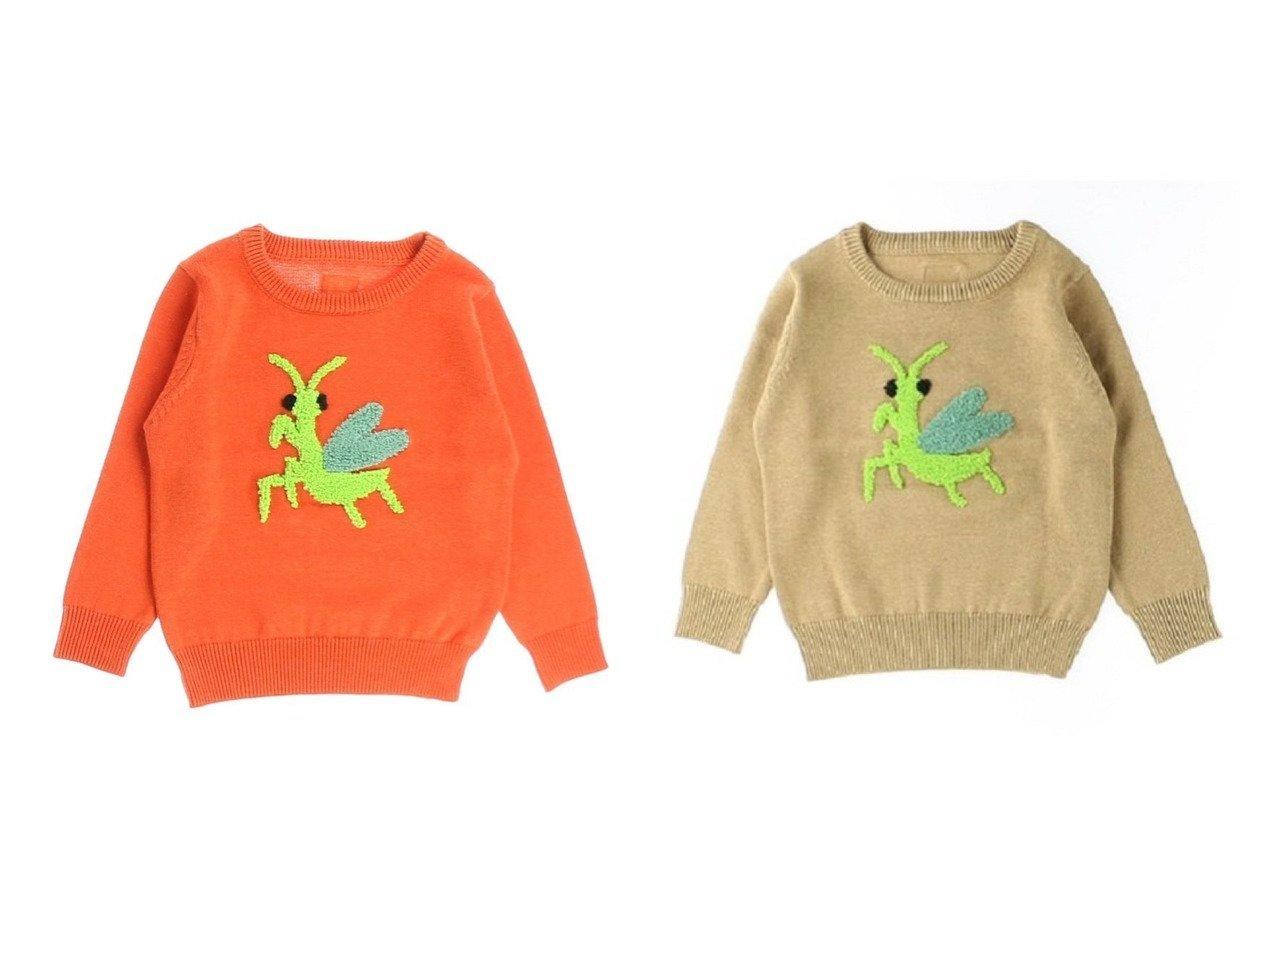 【Insect Collection / KIDS/インセクトコレクション】のさがら刺繍かまきりくんニット 【KIDS】子供服のおすすめ!人気トレンド・キッズファッションの通販 おすすめで人気の流行・トレンド、ファッションの通販商品 メンズファッション・キッズファッション・インテリア・家具・レディースファッション・服の通販 founy(ファニー) https://founy.com/ ファッション Fashion キッズファッション KIDS トップス Tops Tees Kids オレンジ カットソー 定番 Standard |ID:crp329100000019696